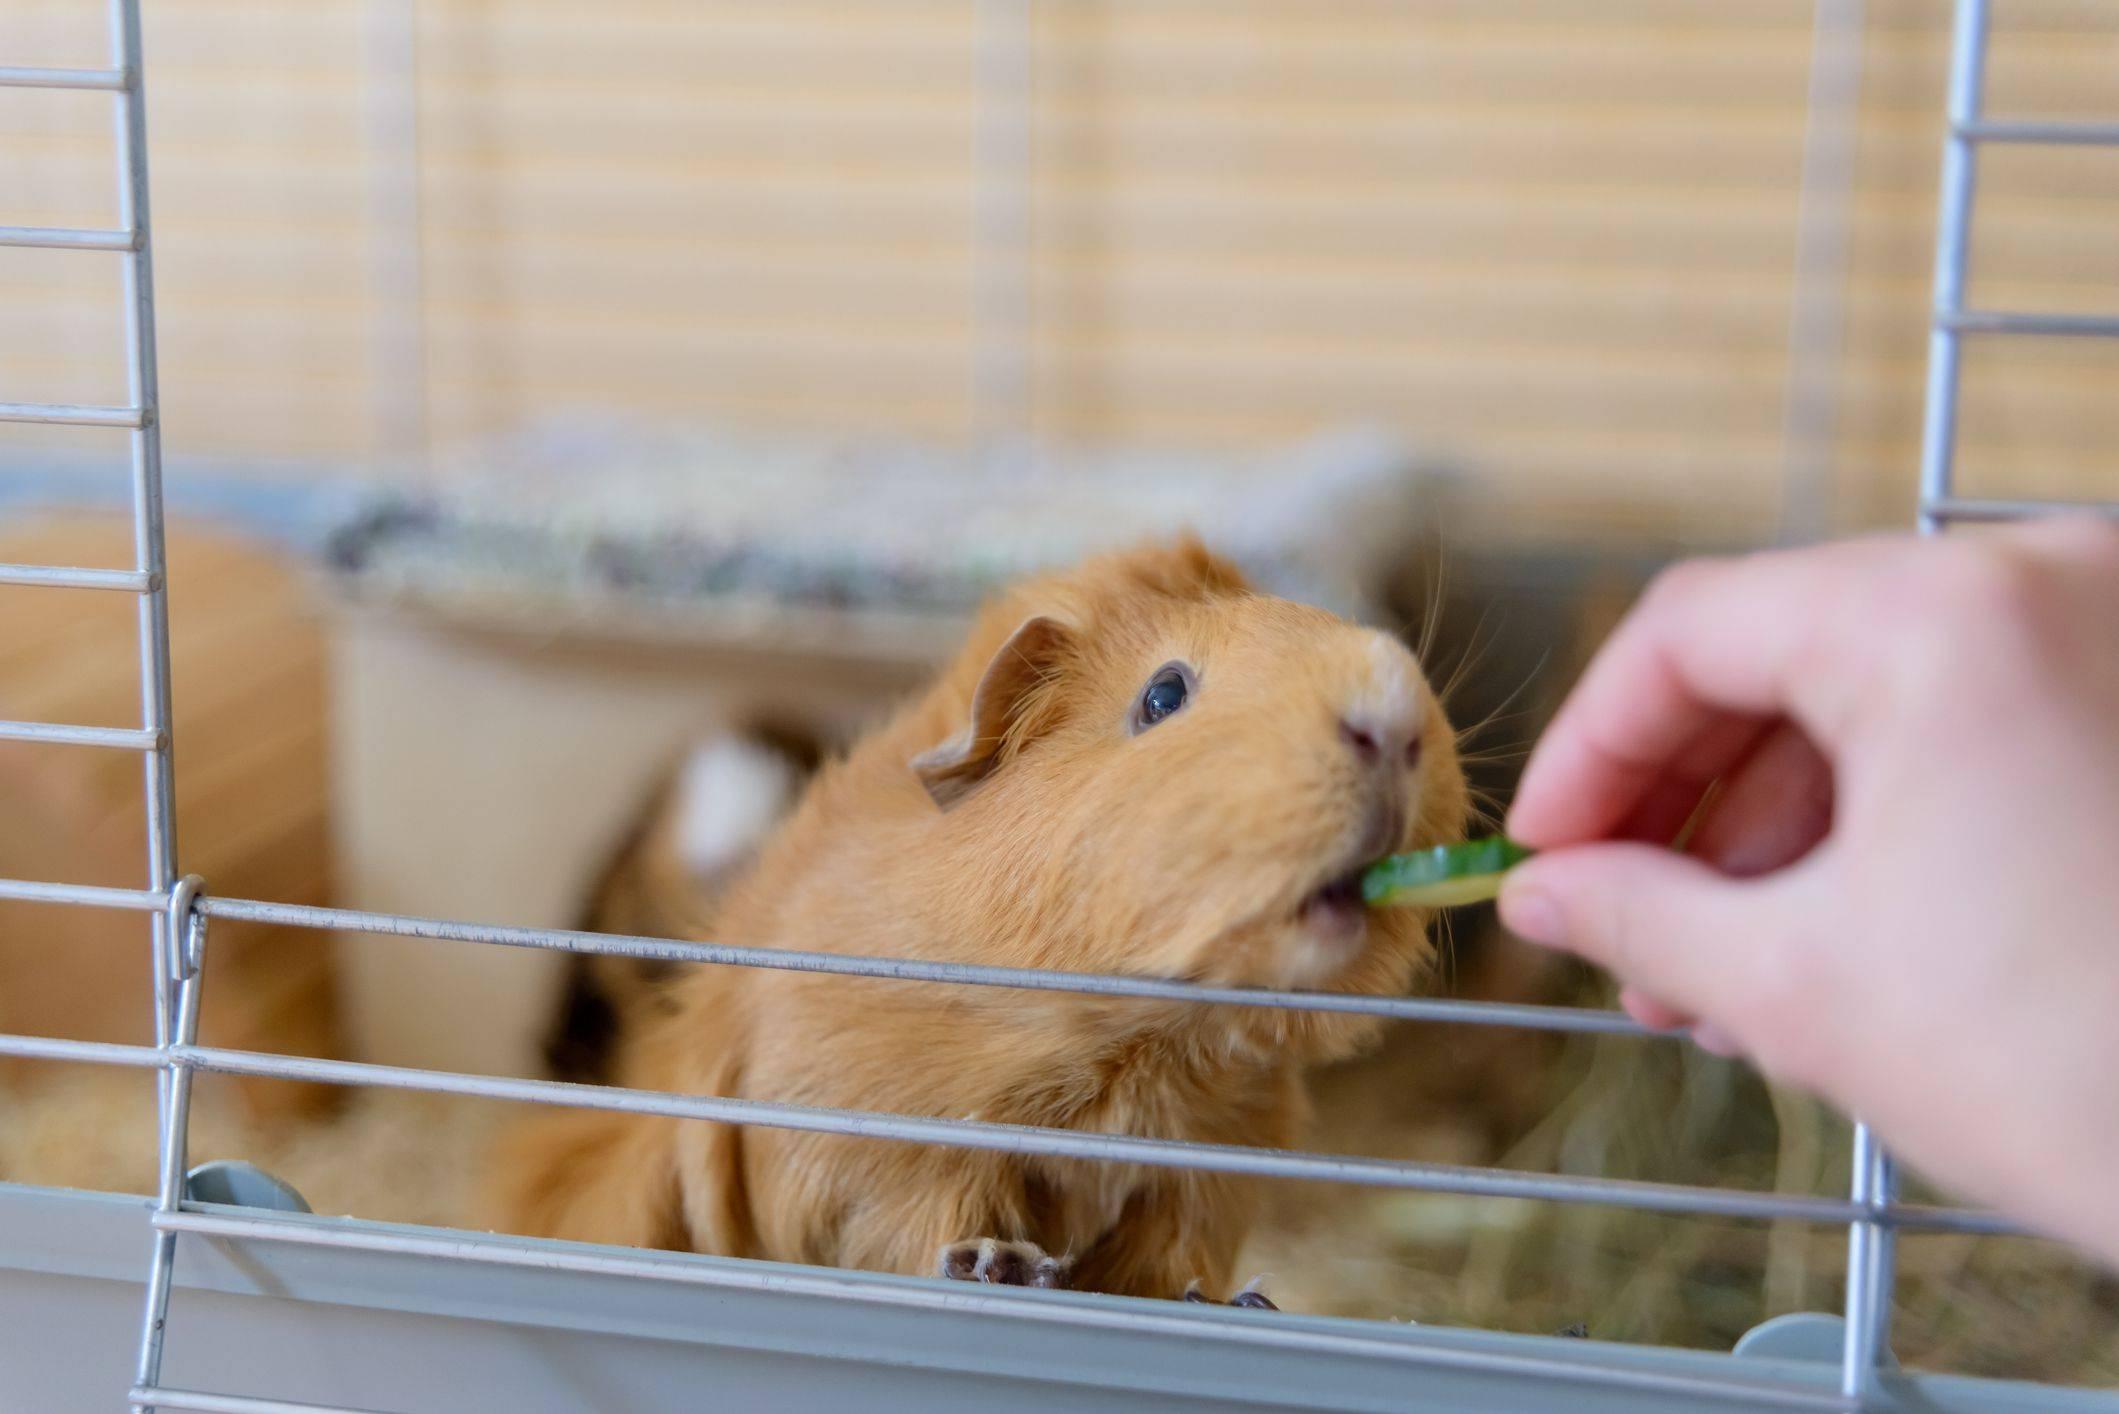 Уход и содержание морских свинок в домашних условиях: как правильно ухаживать для начинающих, чем кормить в квартире, питание и поведение дома, отзывы